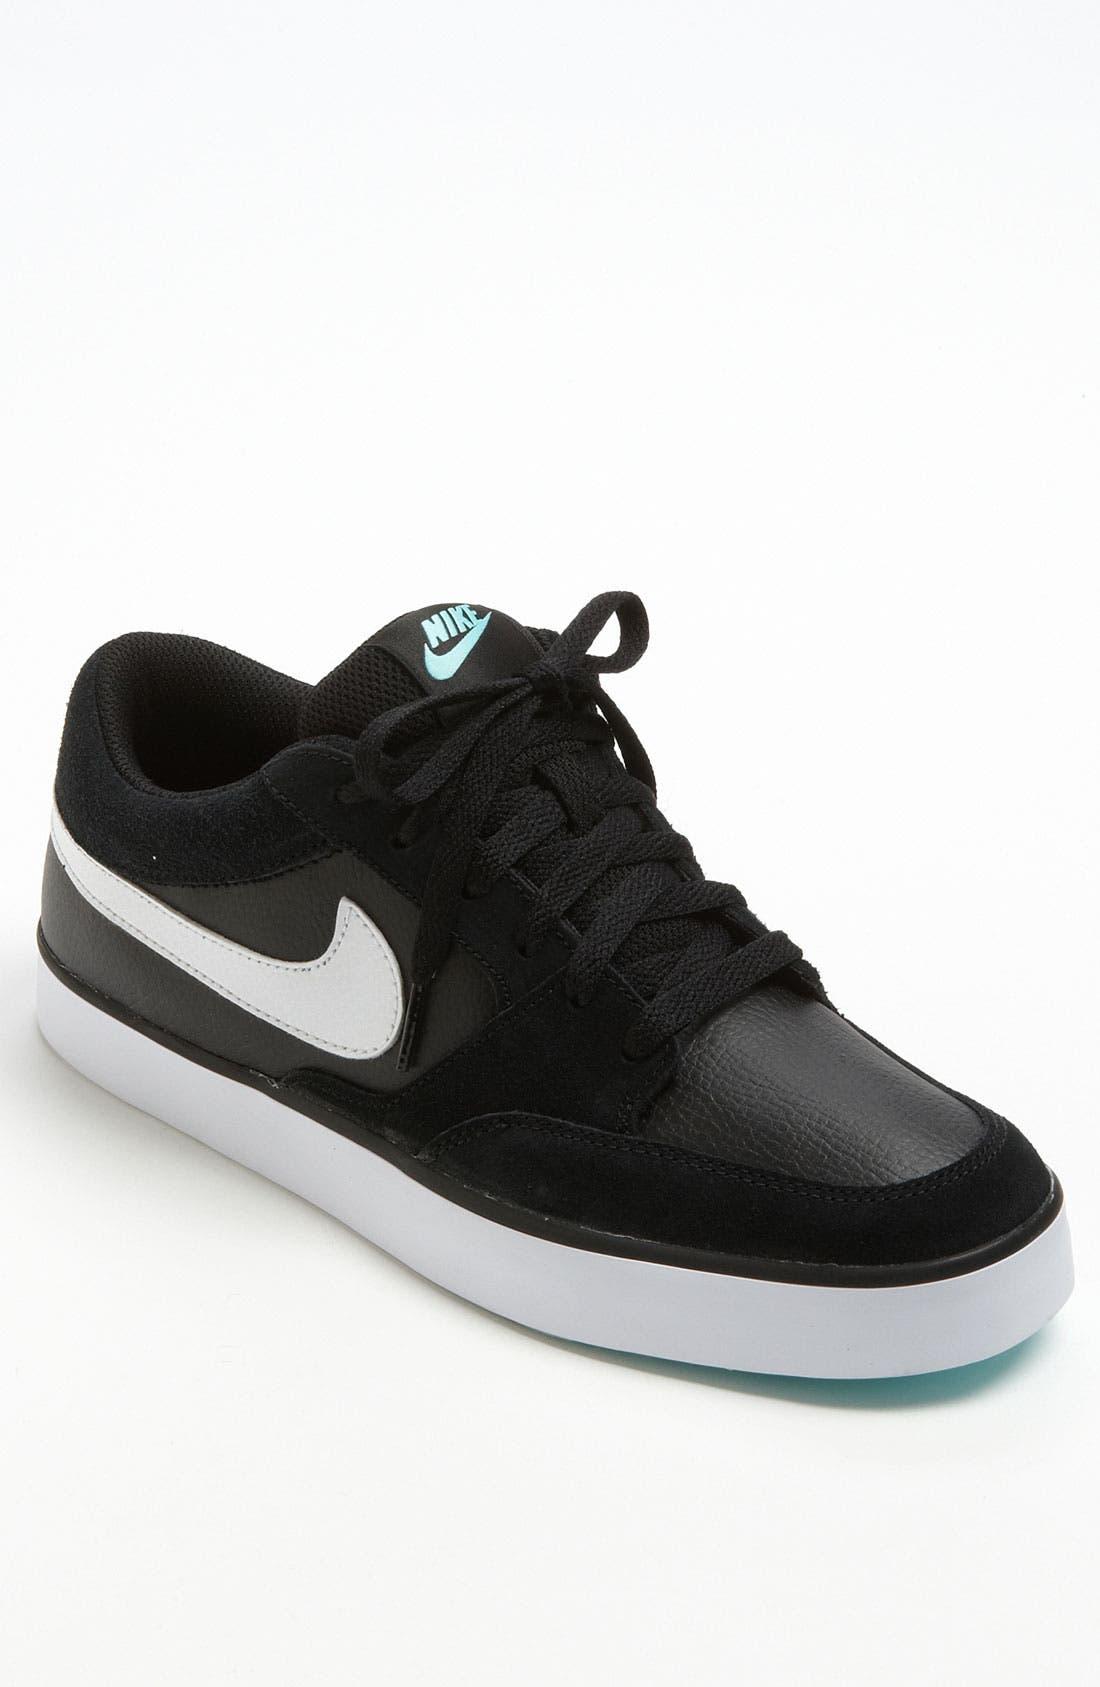 Main Image - Nike 'Avid' Sneaker (Men)